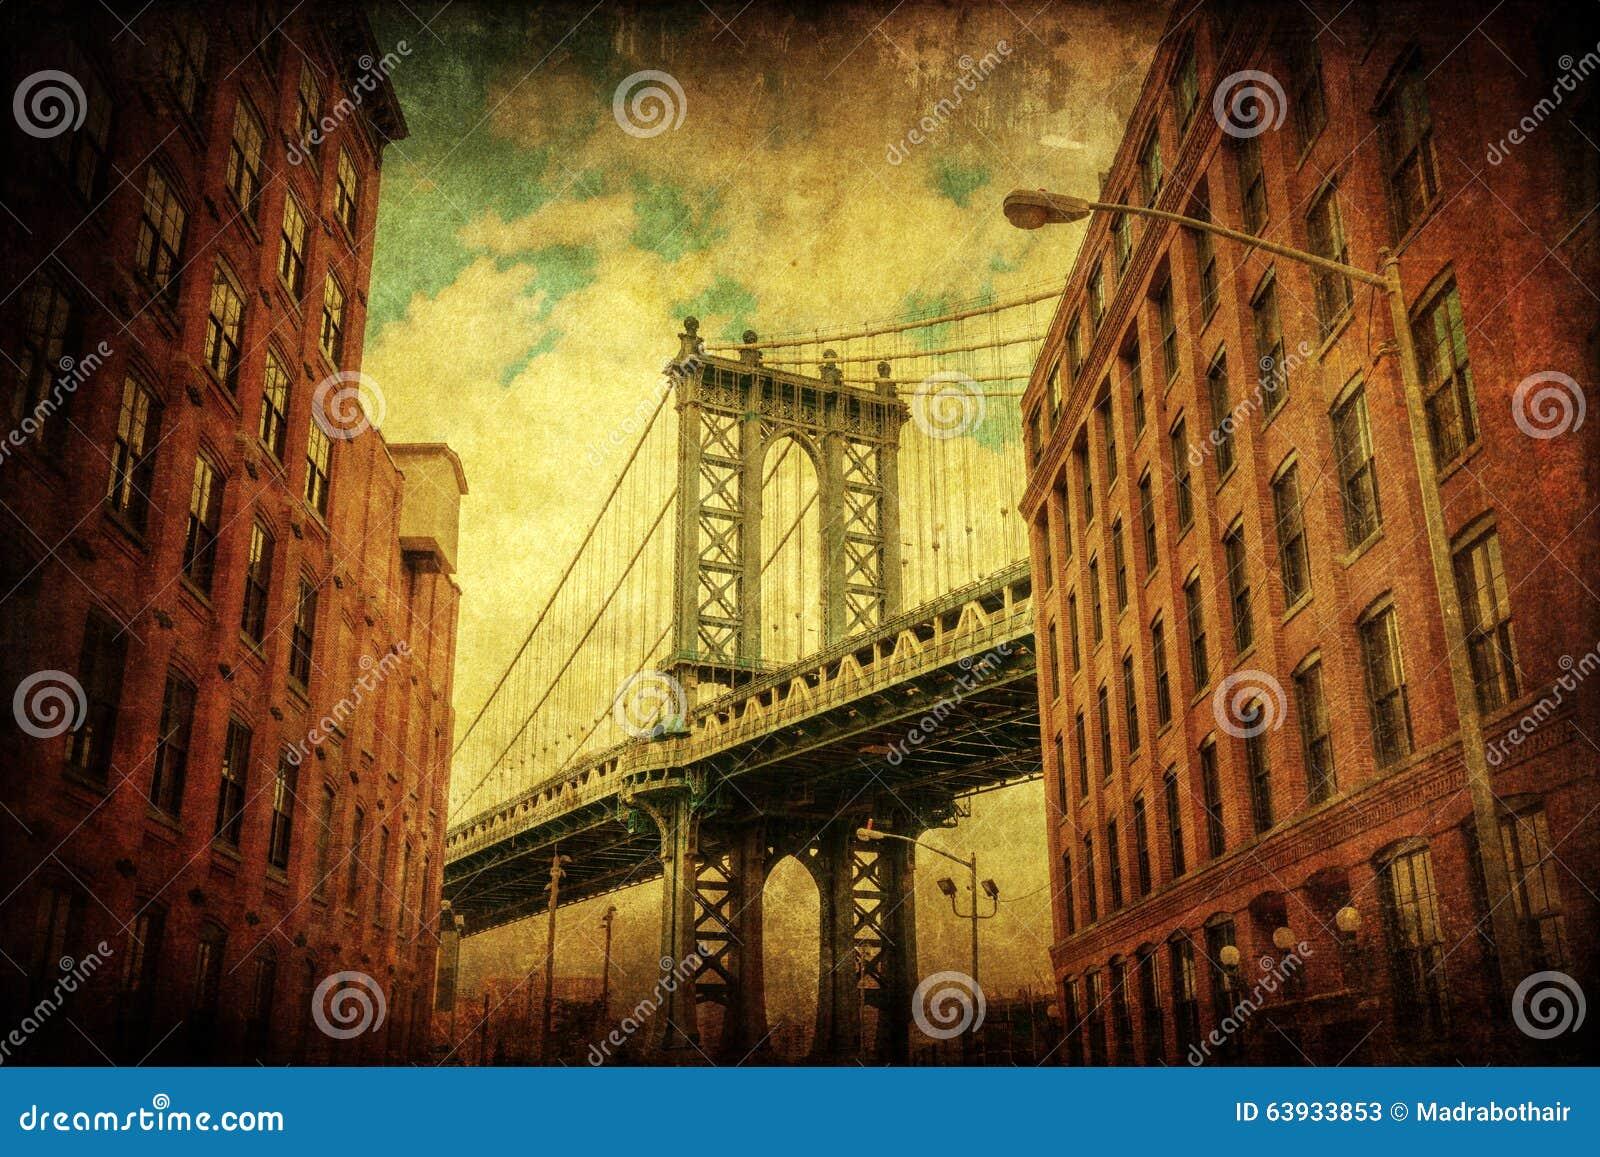 Εκλεκτής ποιότητας εικόνα ύφους της γέφυρας του Μανχάταν στο Μανχάταν, πόλη της Νέας Υόρκης